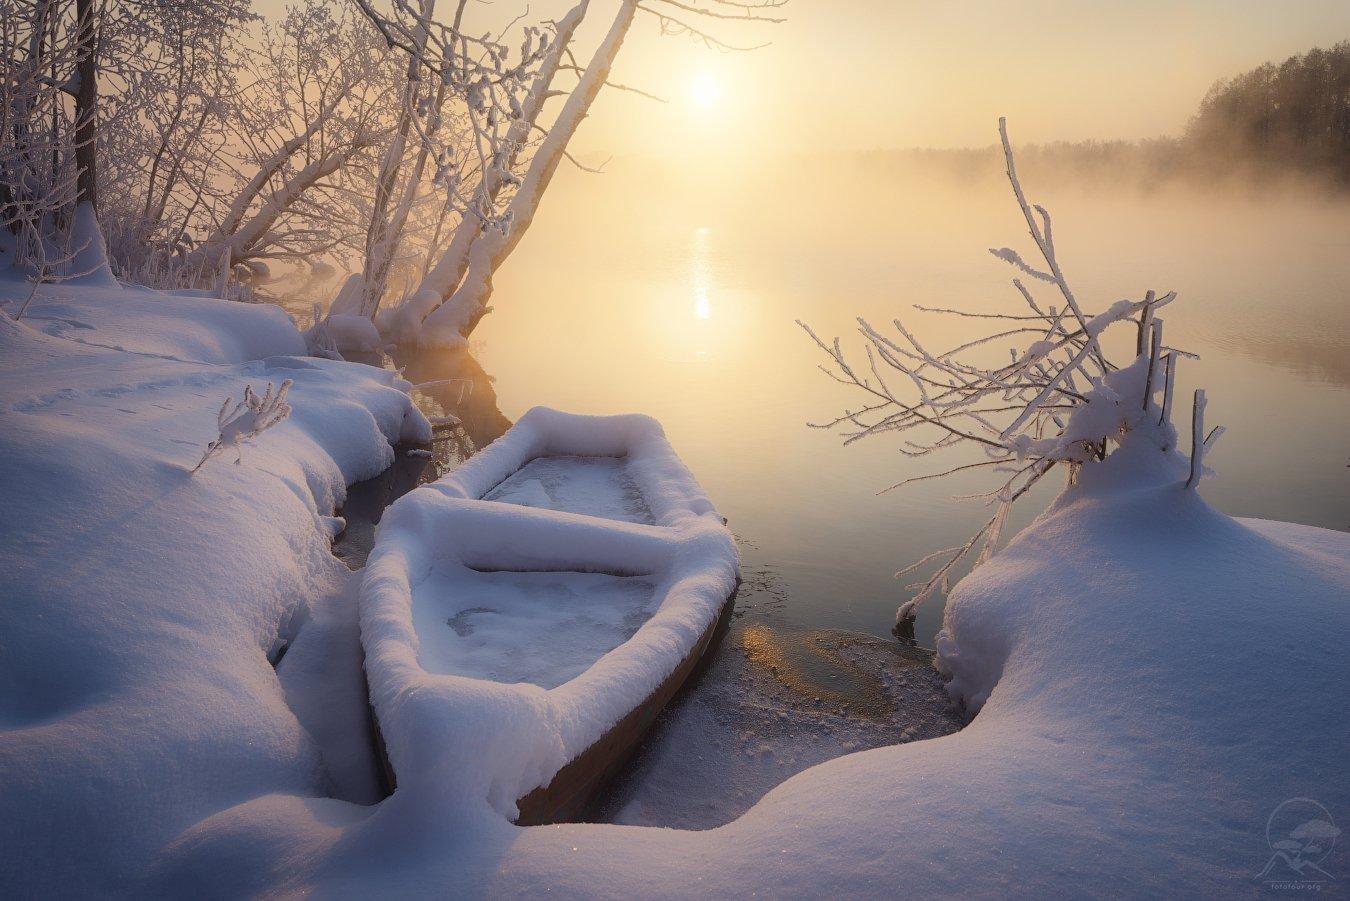 пейзаж, природа, озеро, лодка, шатура, зима, мороз, Анатолий Гордиенко www.fototour.org